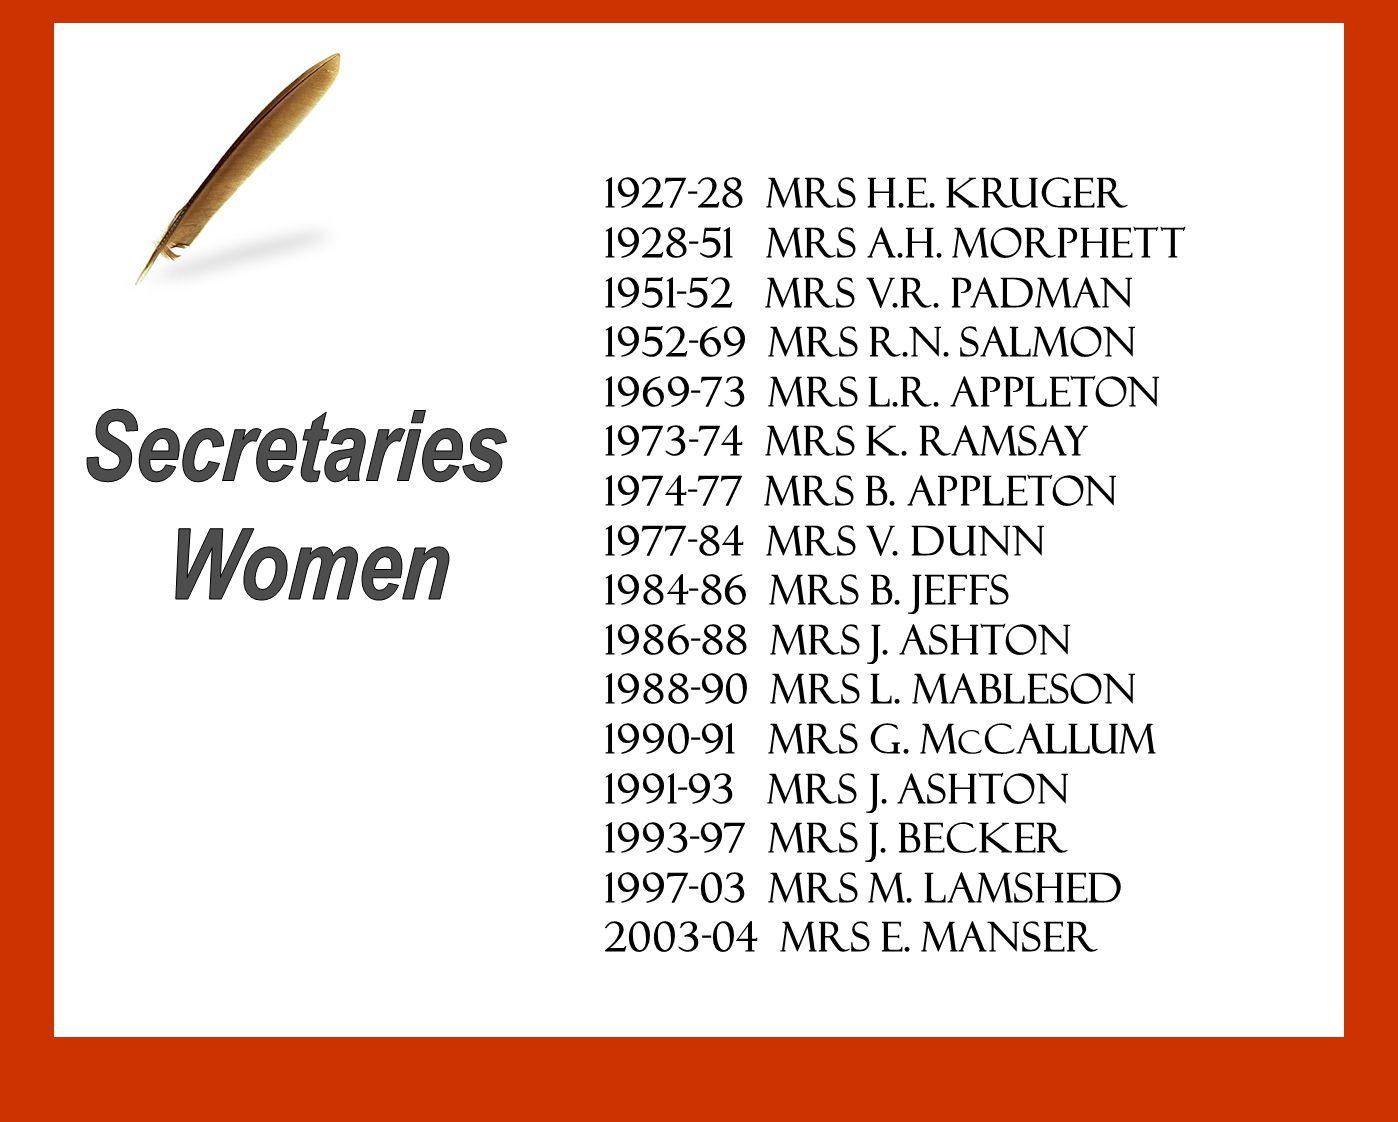 1927-28 MRS H.E. KRUGER 1928-51 MRS A.H. MORPHETT 1951-52 MRS V.R. PADMAN 1952-69 MRS R.N. SALMON 1969-73 MRS L.R. APPLETON 1973-74 MRS K. RAMSAY 1974